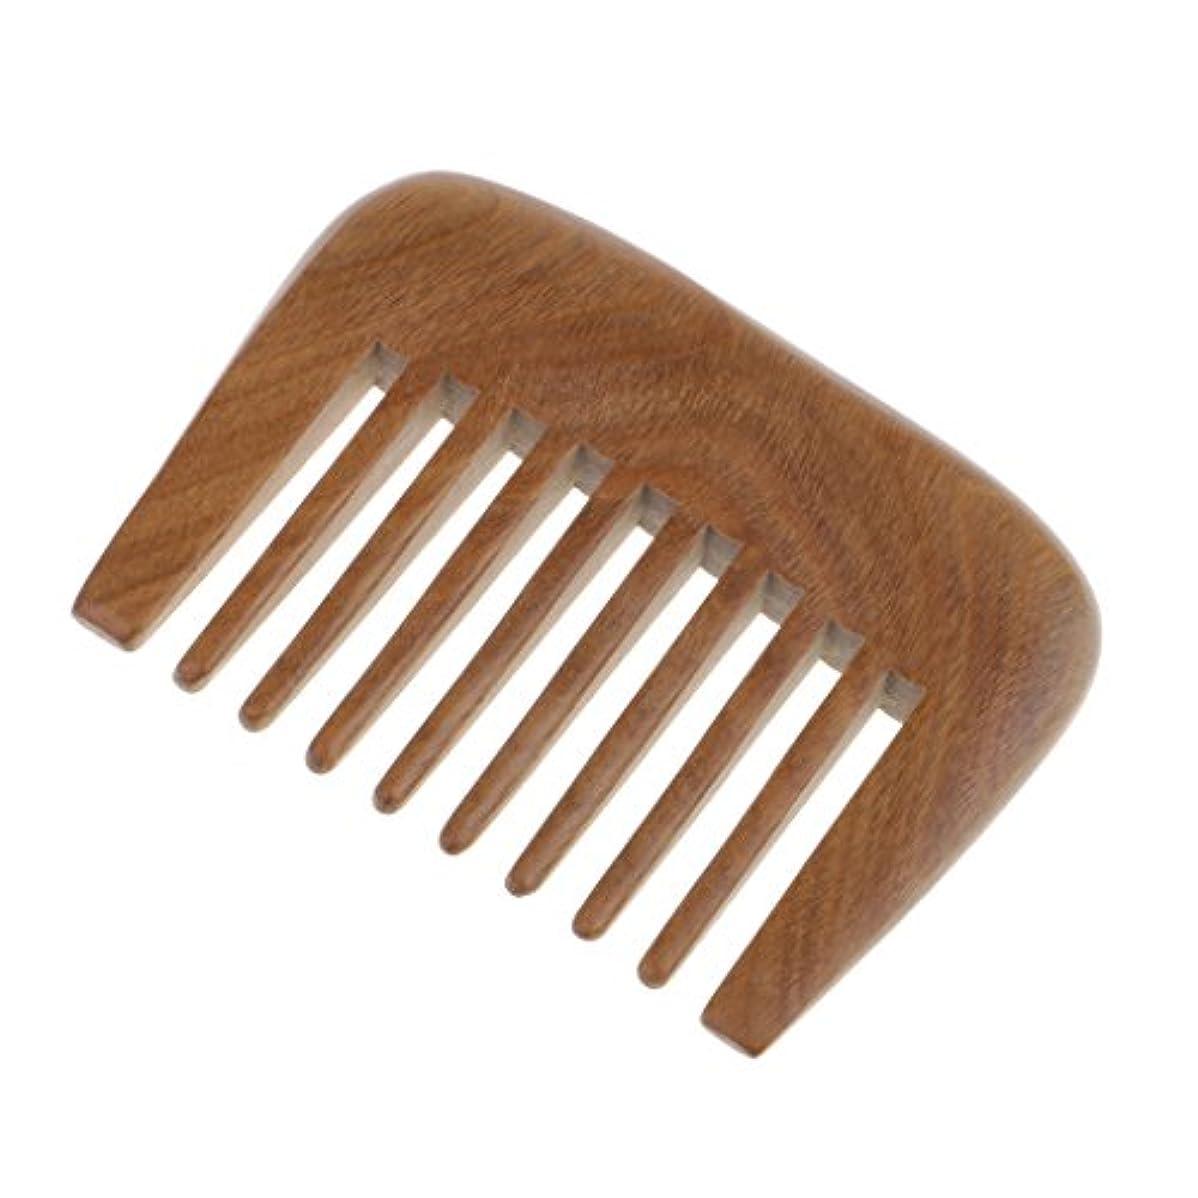 美徳ダイヤル溶融天然木広い歯の櫛Detanglerブラシ帯電防止グリーンビャクダン